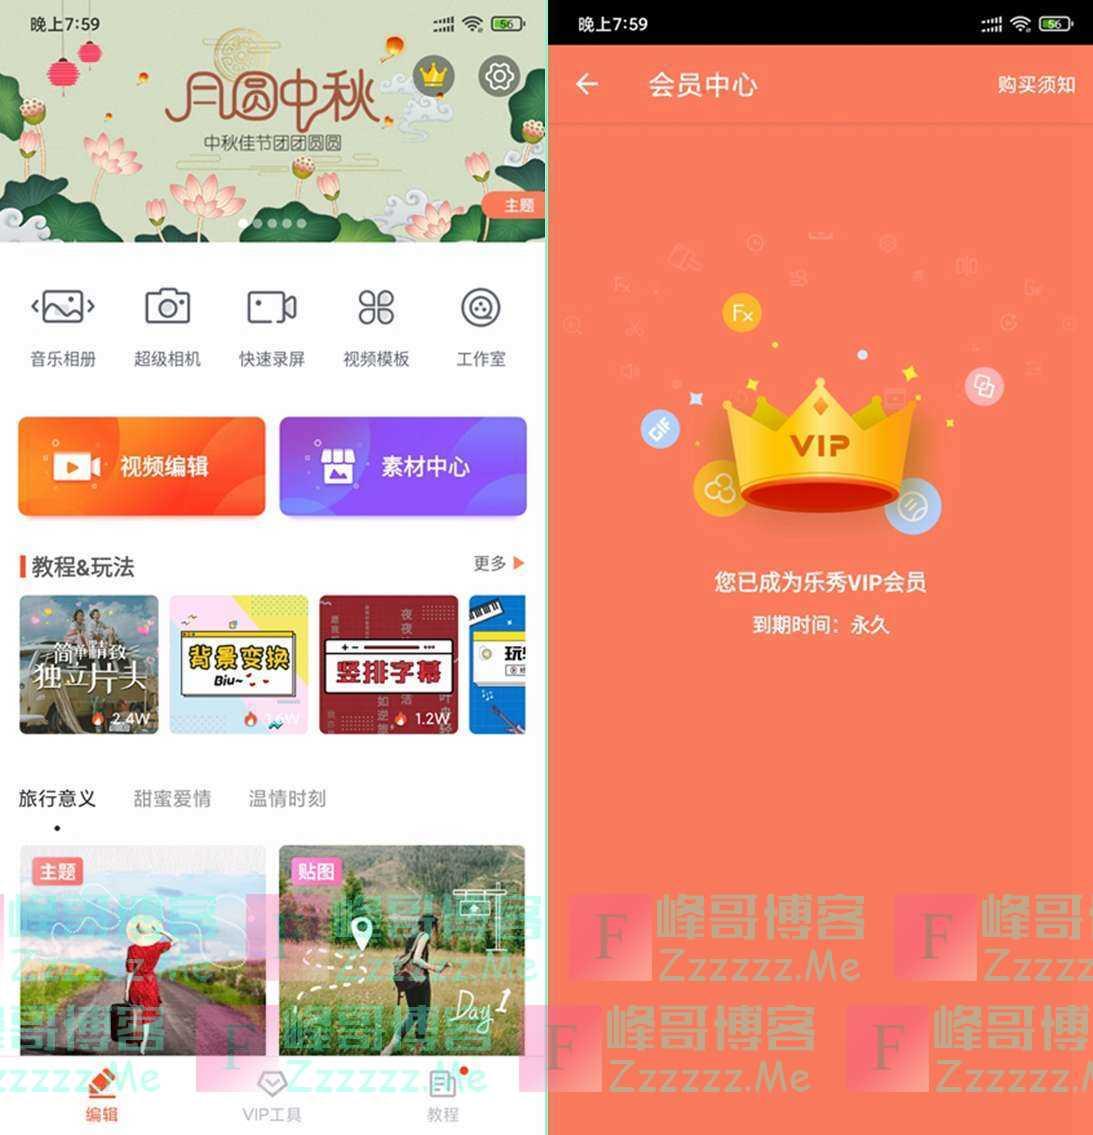 安卓乐秀视频V9.1.1.8 乐秀视频最新永久VIP会员破解版下载